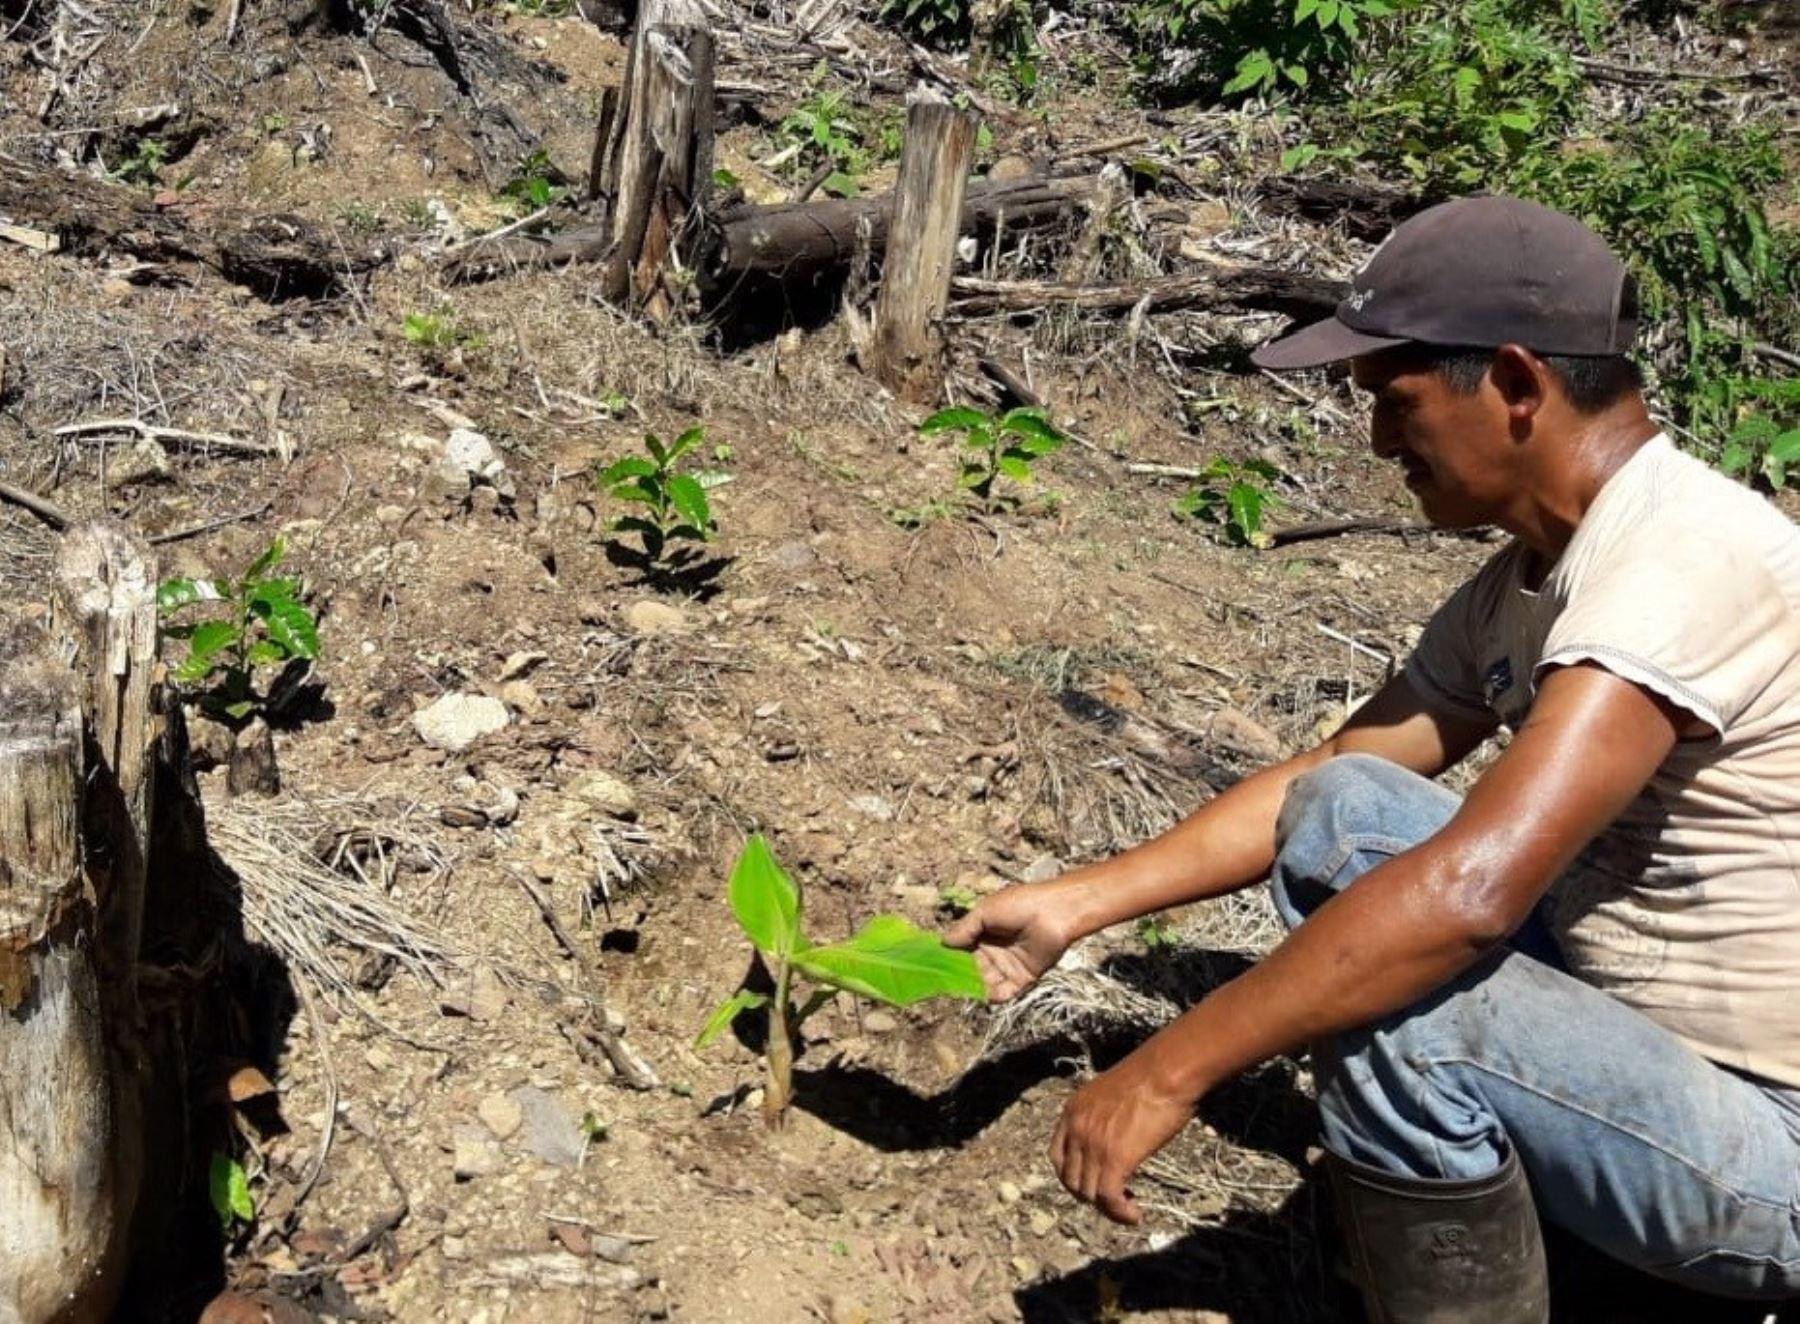 Agricultores del Vraem producirán café de alta calidad, gracias a la variedad desarrollada por el Instituto Nacional de Innovación Agraria (INIA) ANDINA/Difusión